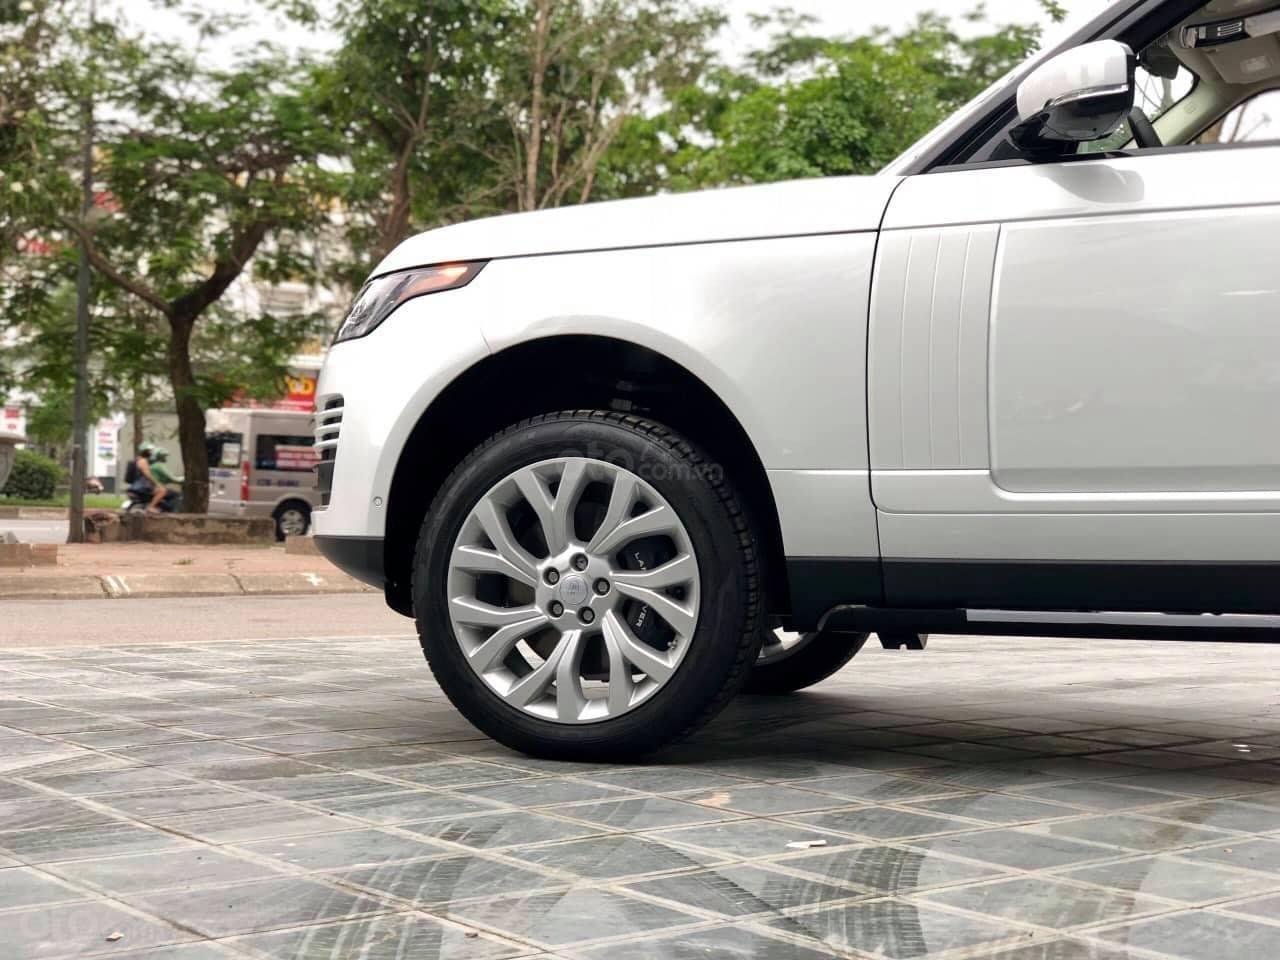 Bán ô tô LandRover Range Rover HSE đời 2018, màu trắng, nhập khẩu nguyên chiếc, LH 0905098888 - 0982.84.2838 (21)